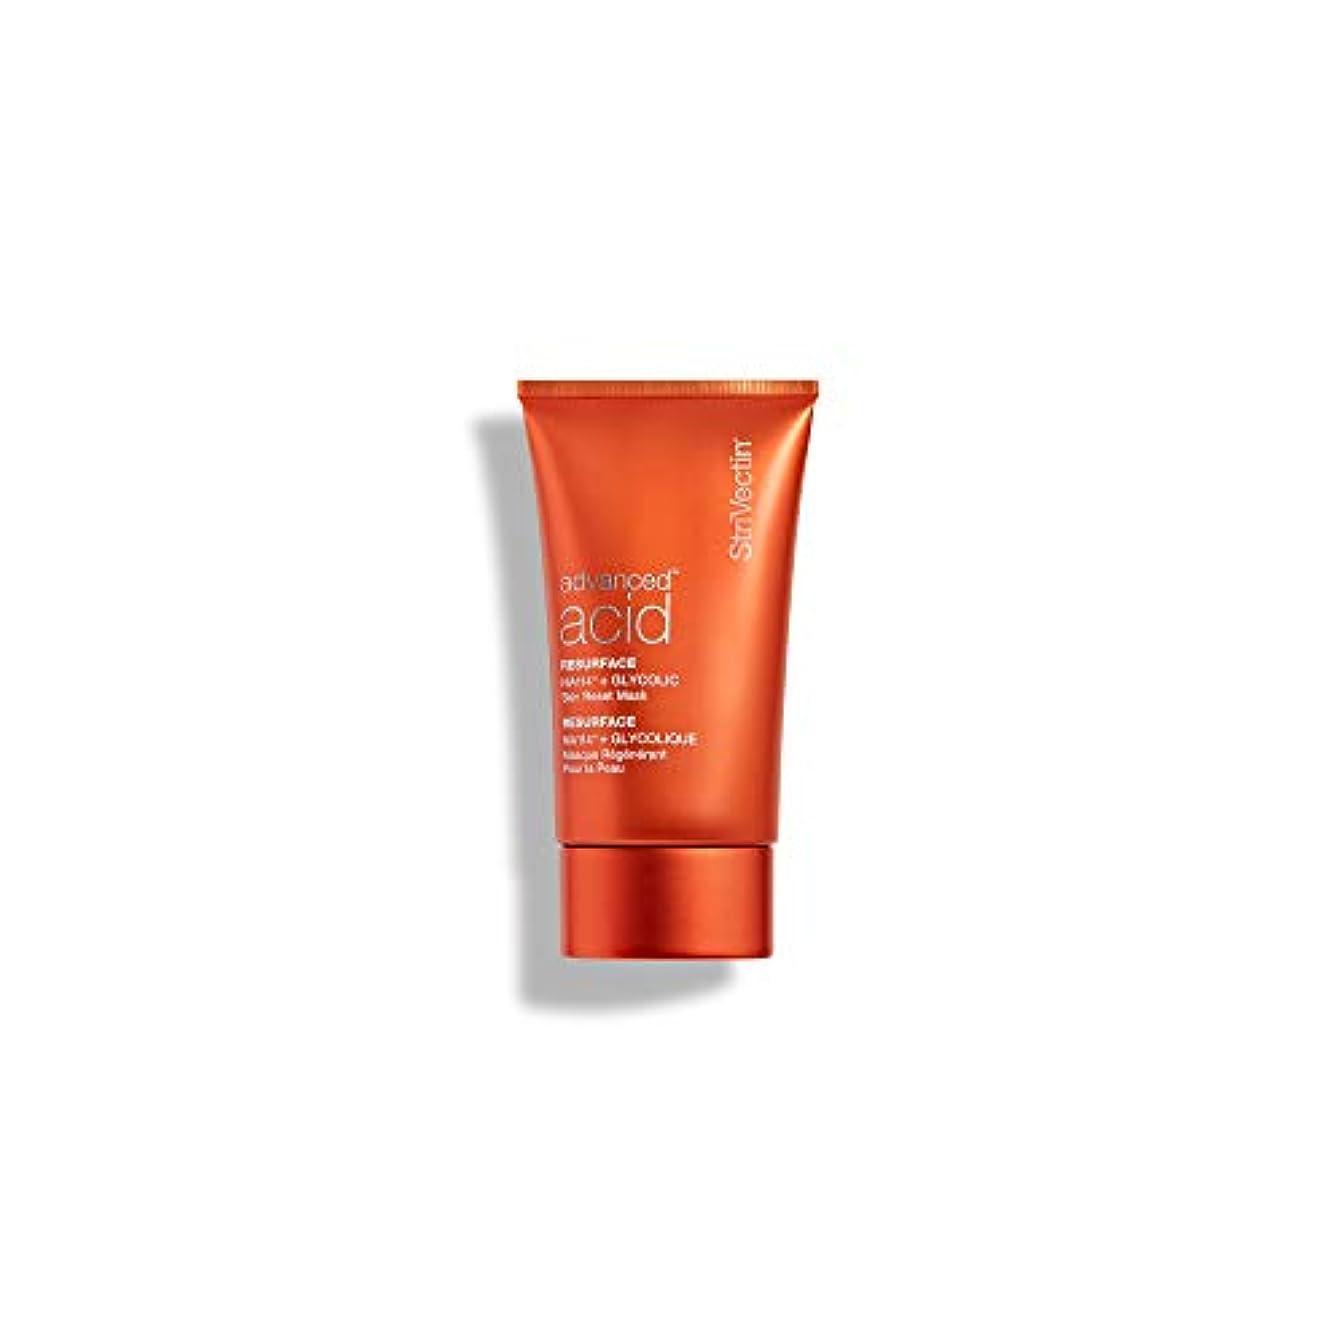 切り刻む泣き叫ぶジャンクションStrivectin Advanced Resurfacing- Advanced Glycolic Acid Skin Reset Mask 1.7oz